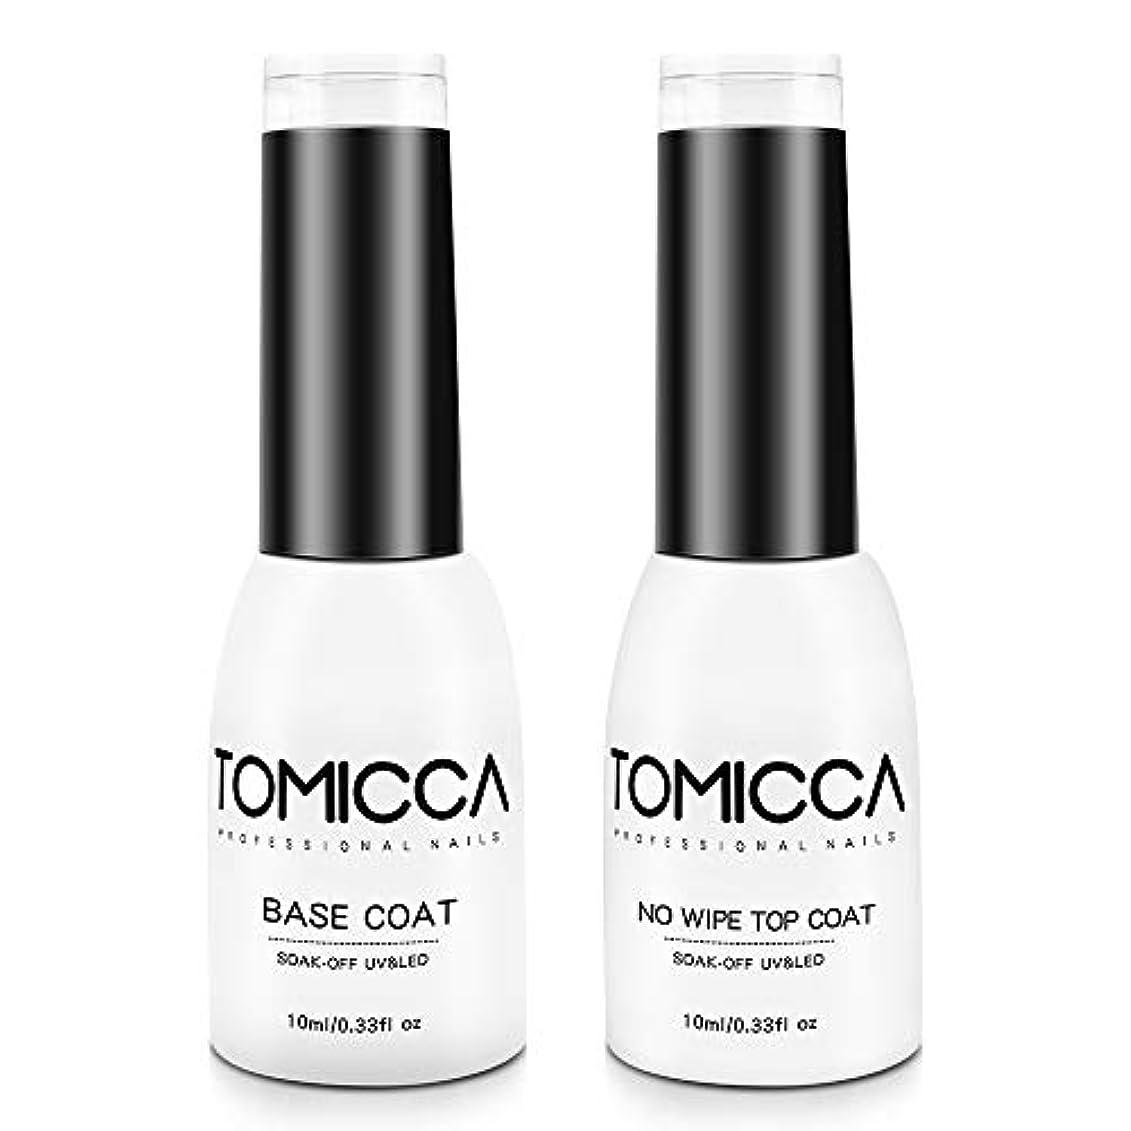 クルーズカニ貪欲TOMICCA ジェルネイル ベースコート トップコート 10ml 2本セット 拭き取り不要 UV/LED対応 大容量 (ベース&トップコート)